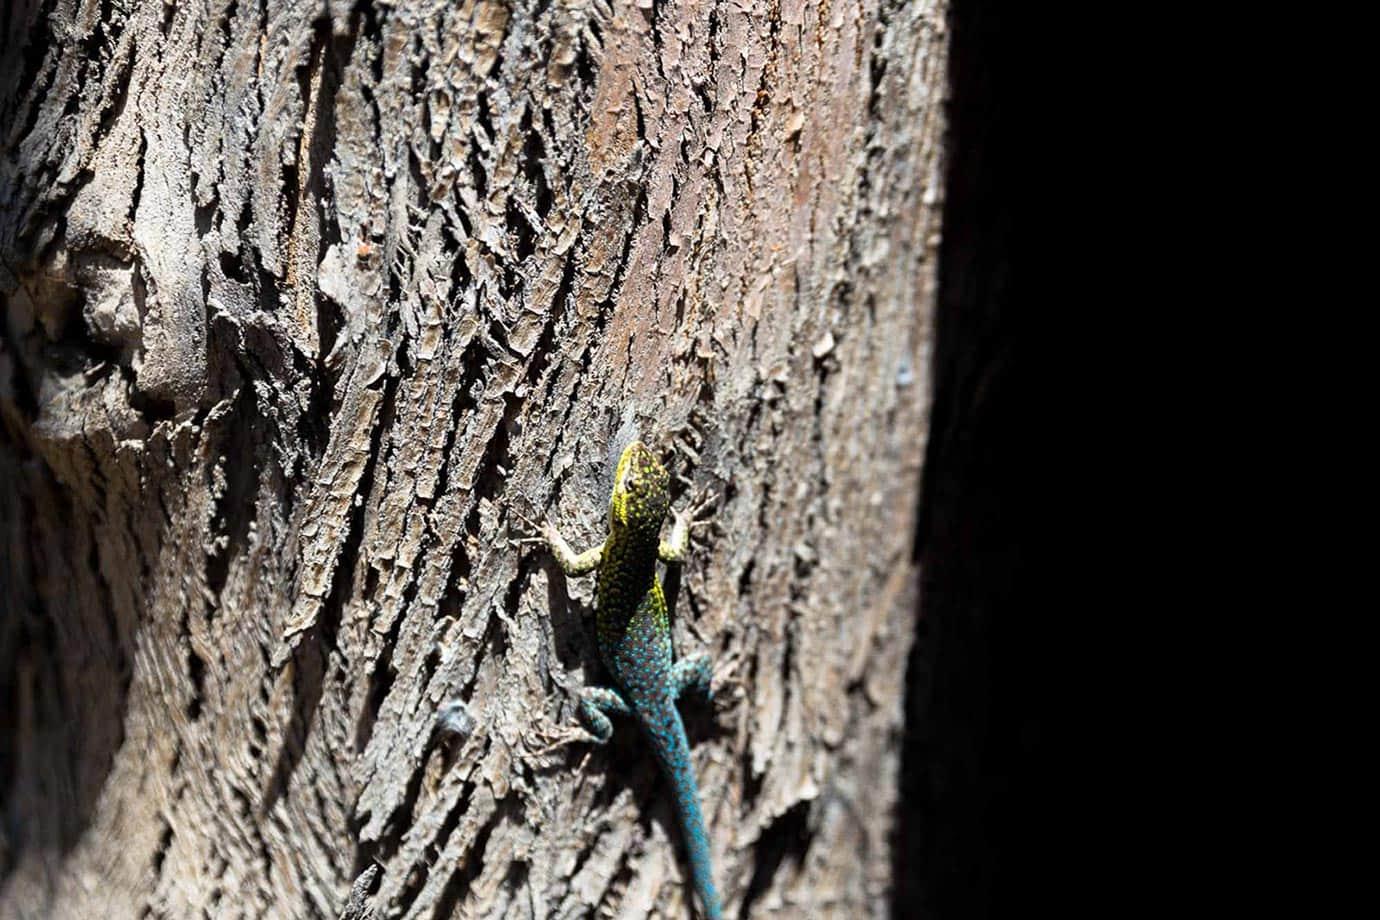 A lizard in Chile